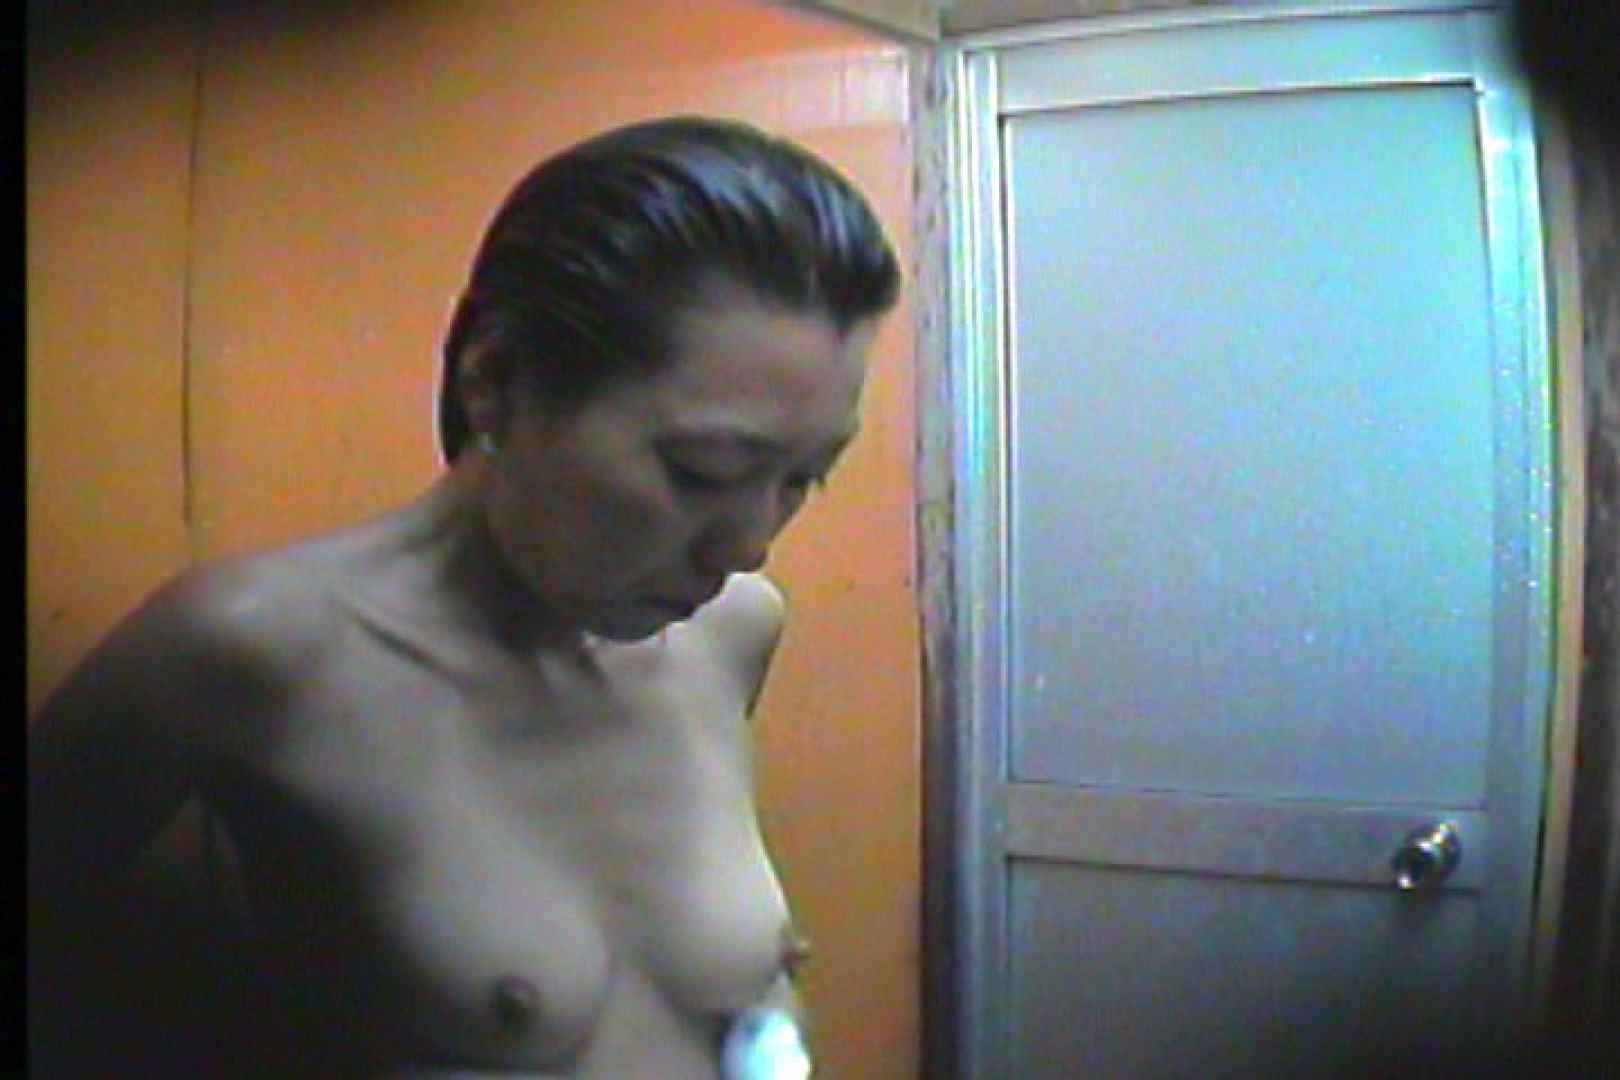 海の家の更衣室 Vol.46 日焼けした肌 おまんこ動画流出 82画像 69